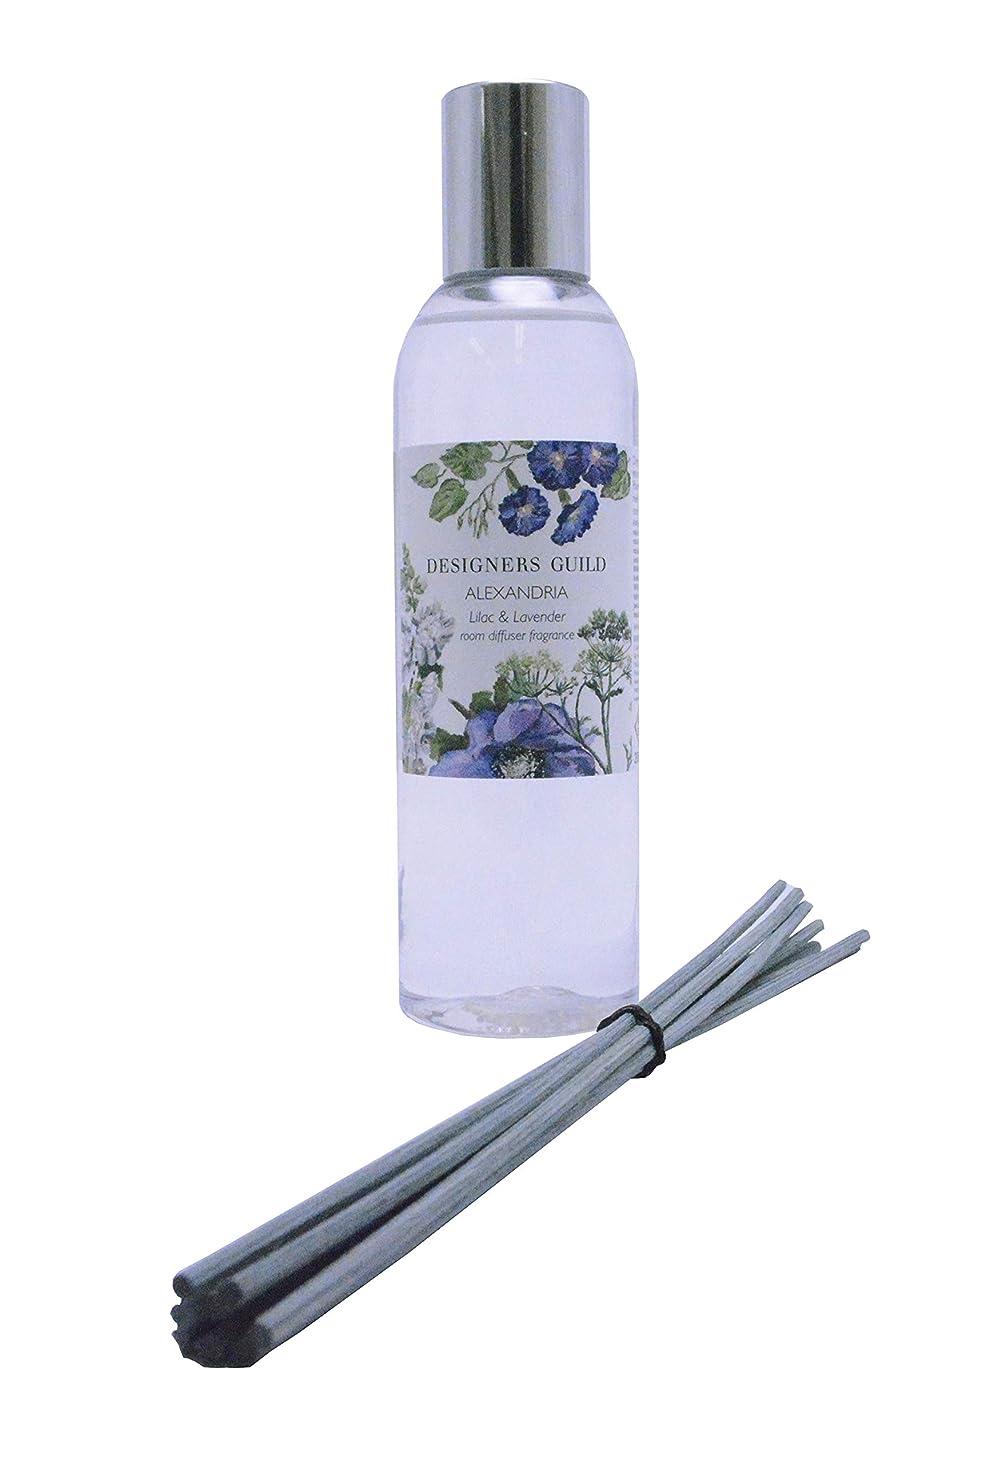 純粋な運賃連結するDESIGNERS GUILD リードディフューザー リフィル ALEXANDRIA - Amethyst Lilac & Lavender 200mL(スティック付)